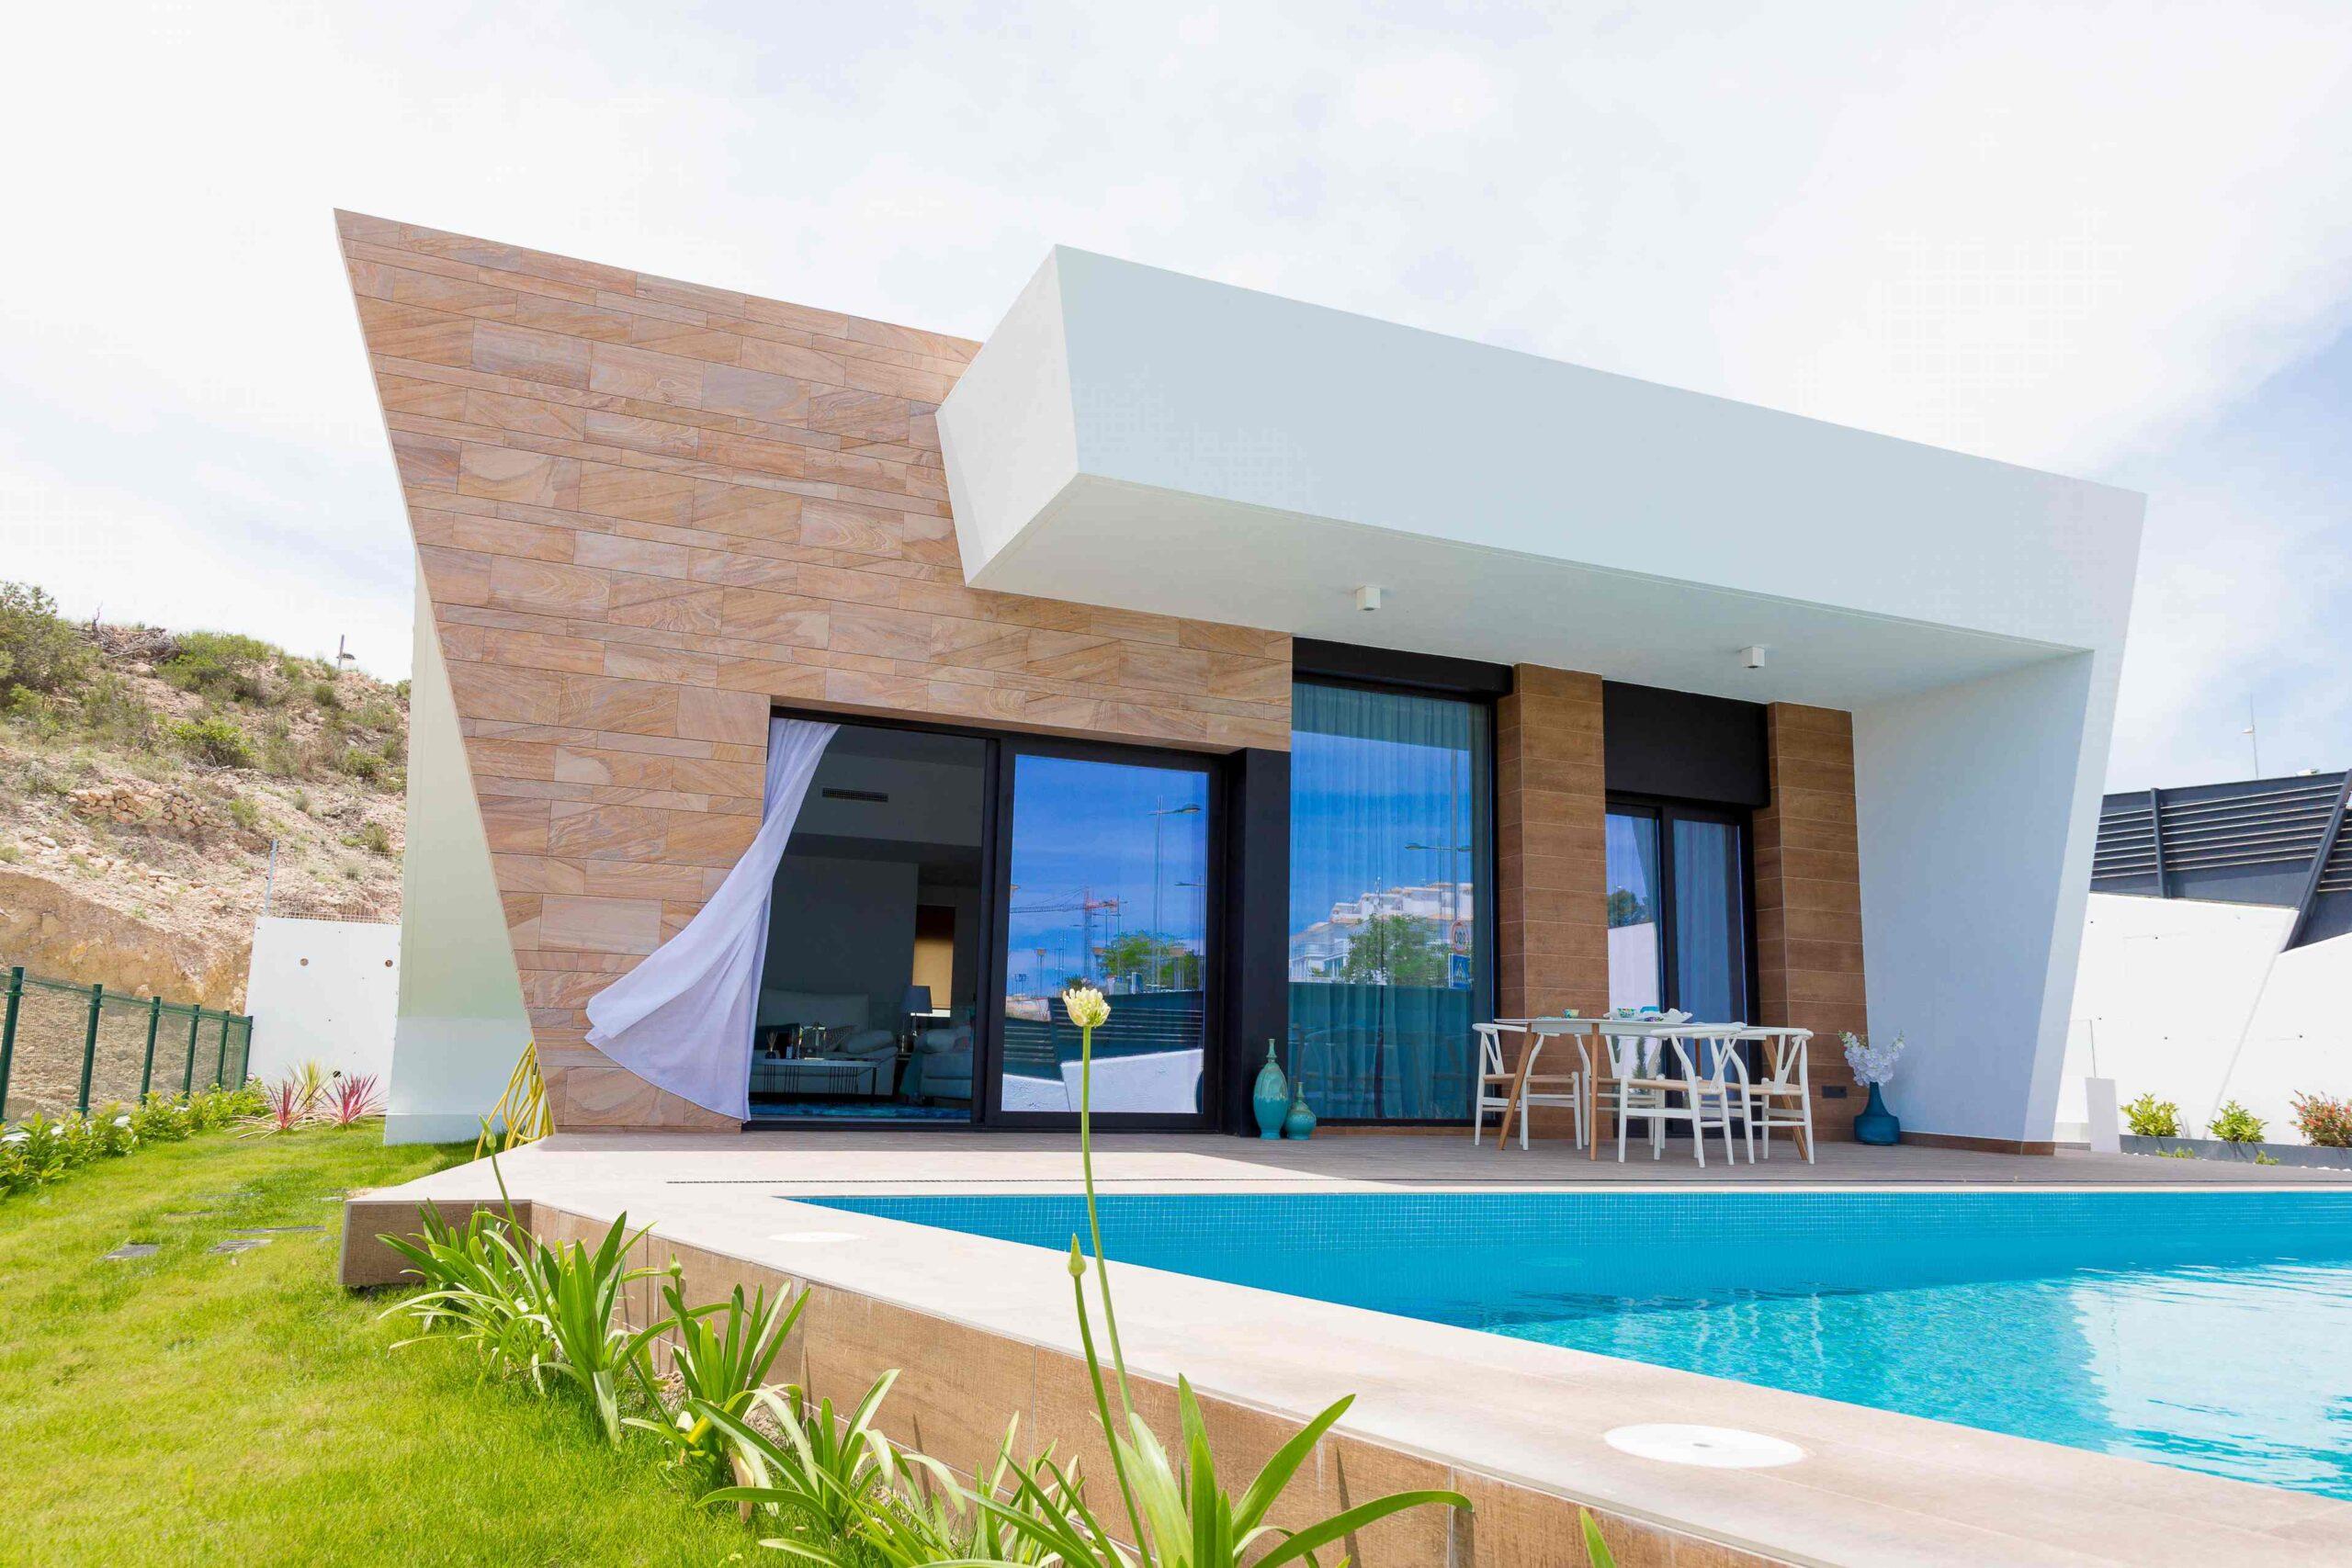 Gran villa moderna con impresionantes vistas en un complejo residencial! PD-19114